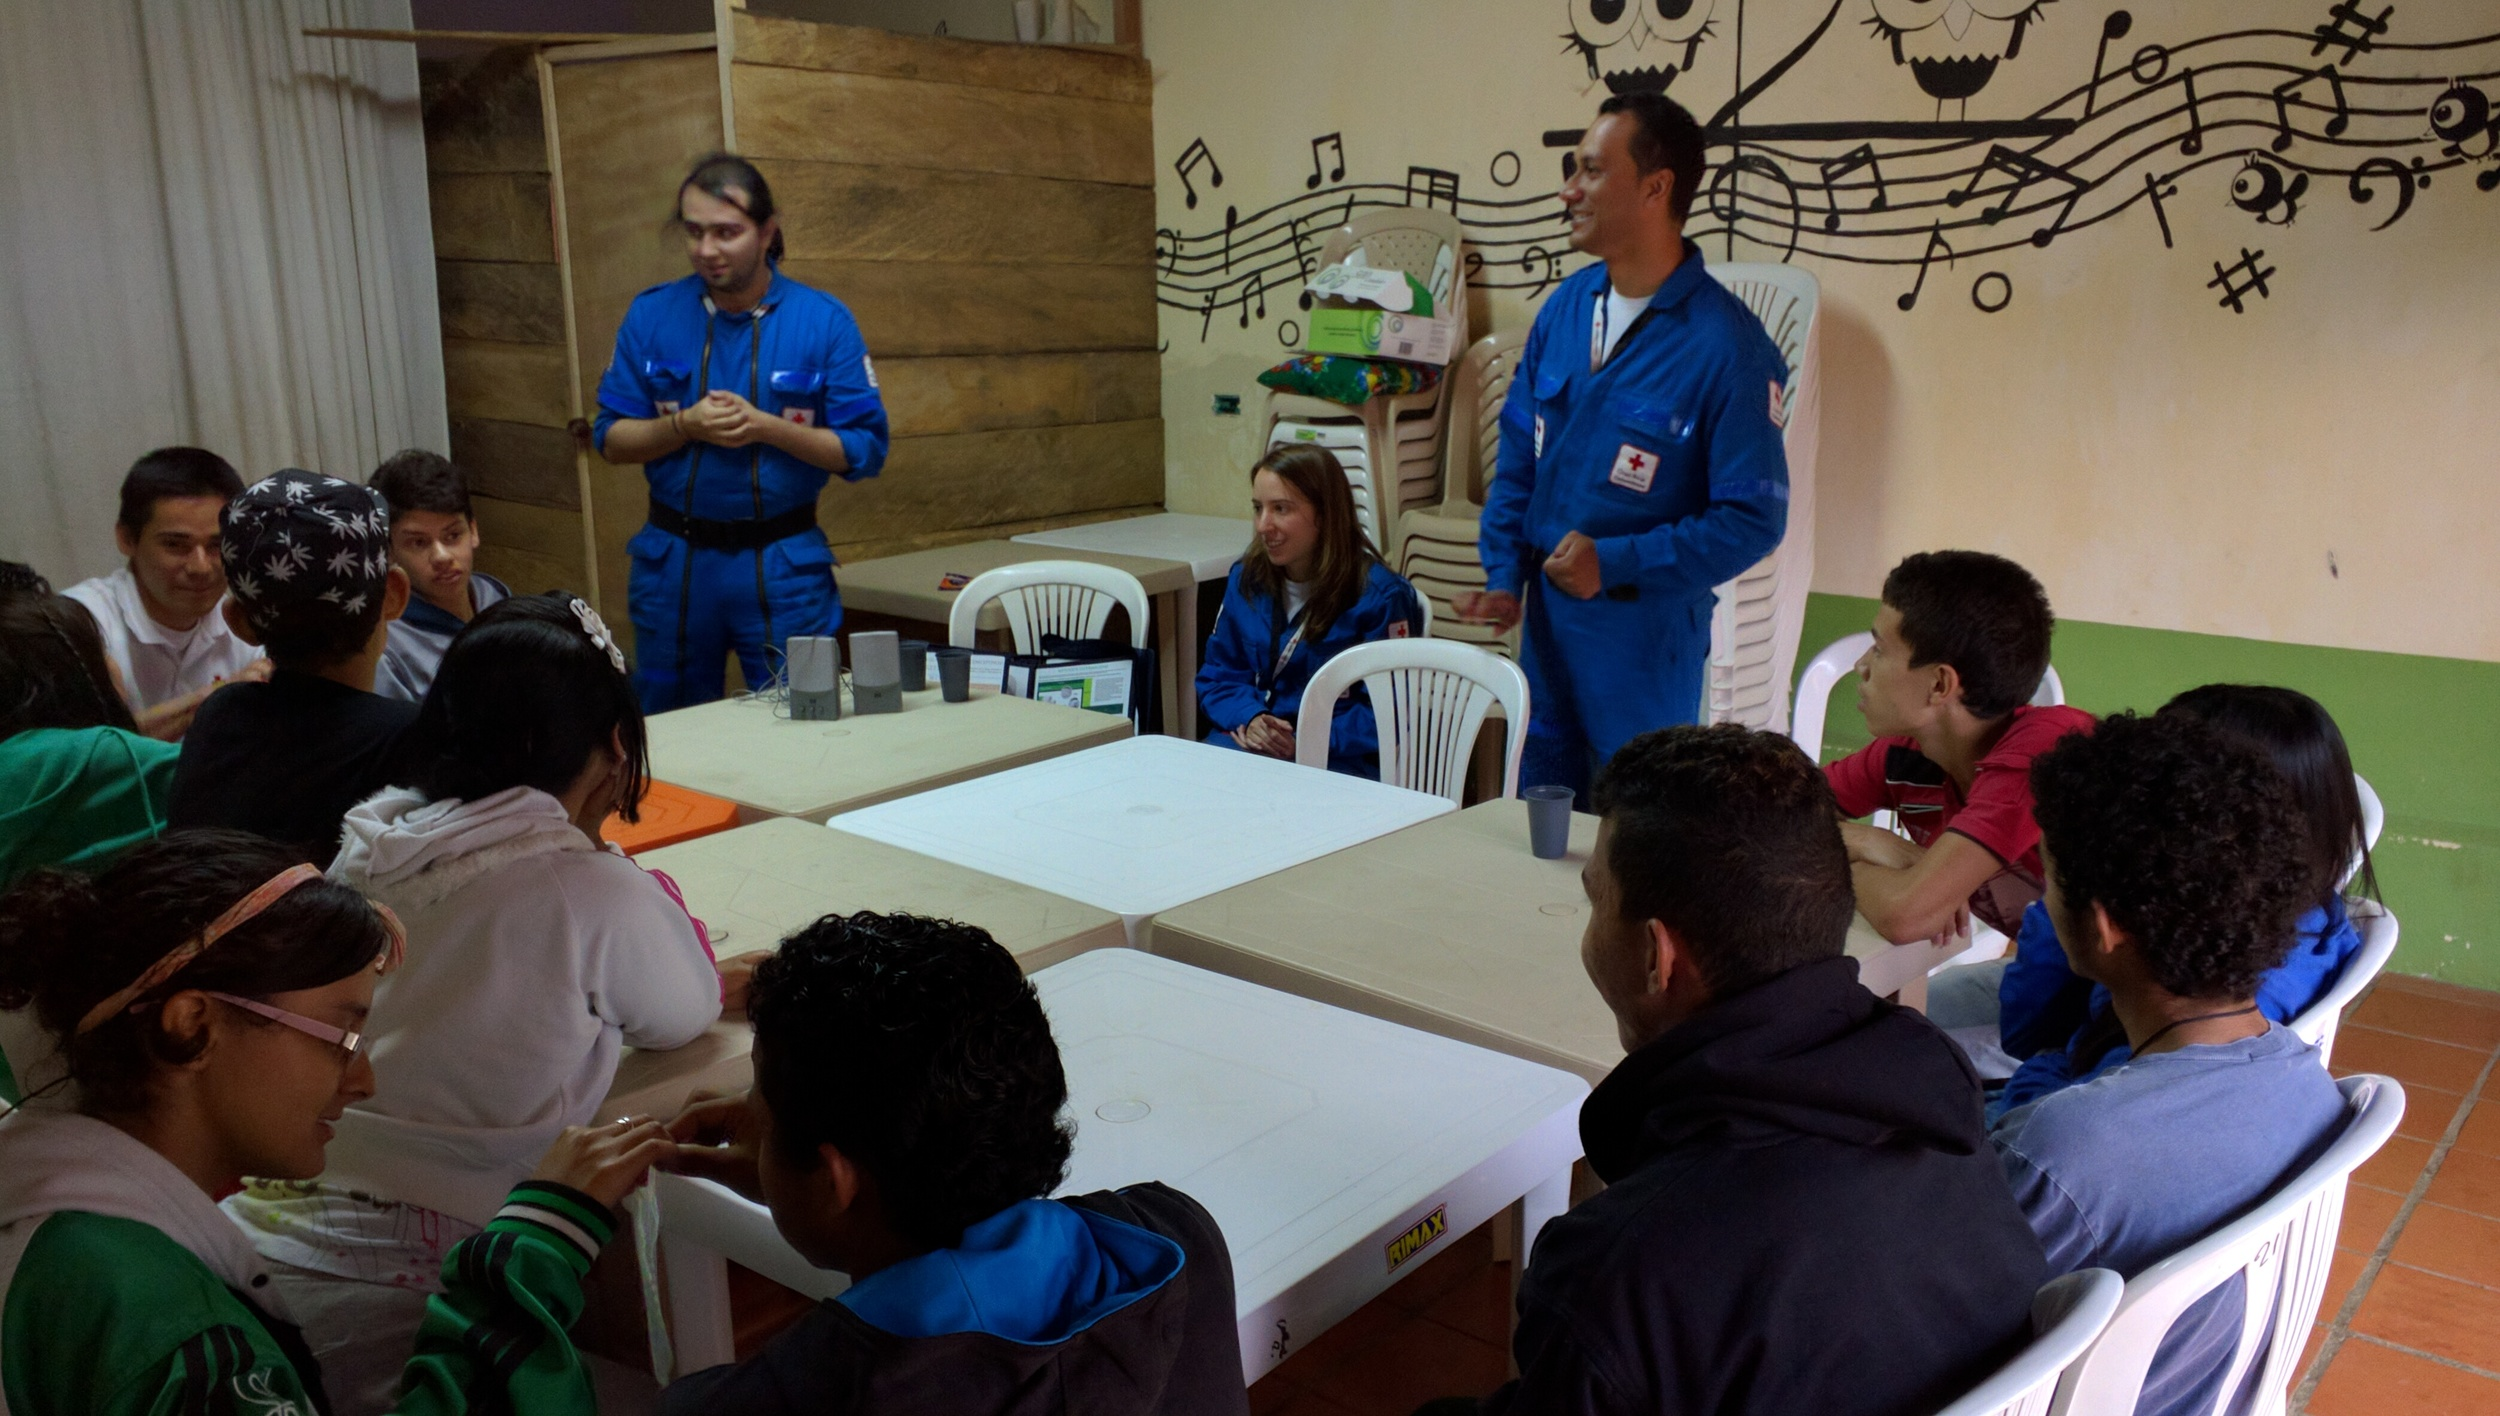 Realizando un taller de Salud Sexual y Reproductiva con jóvenes // Visiting a workshop on Sexual and Reproductive health with youth